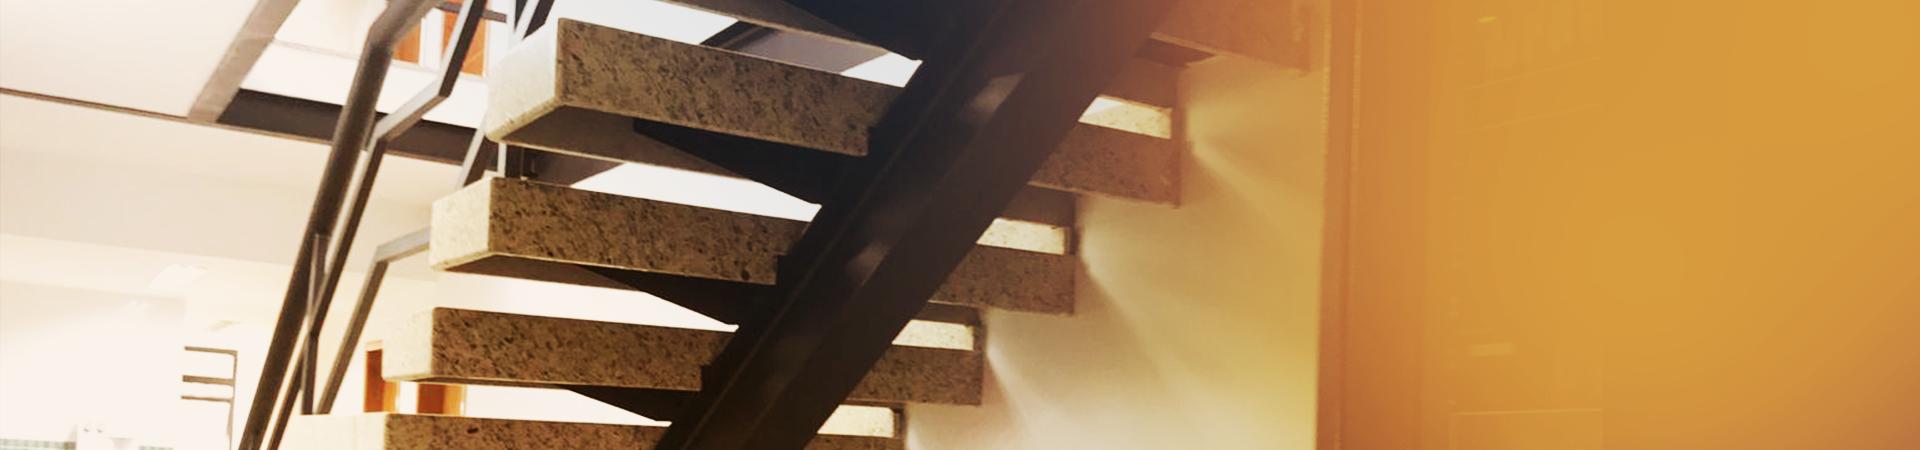 Escada, grades e gradis